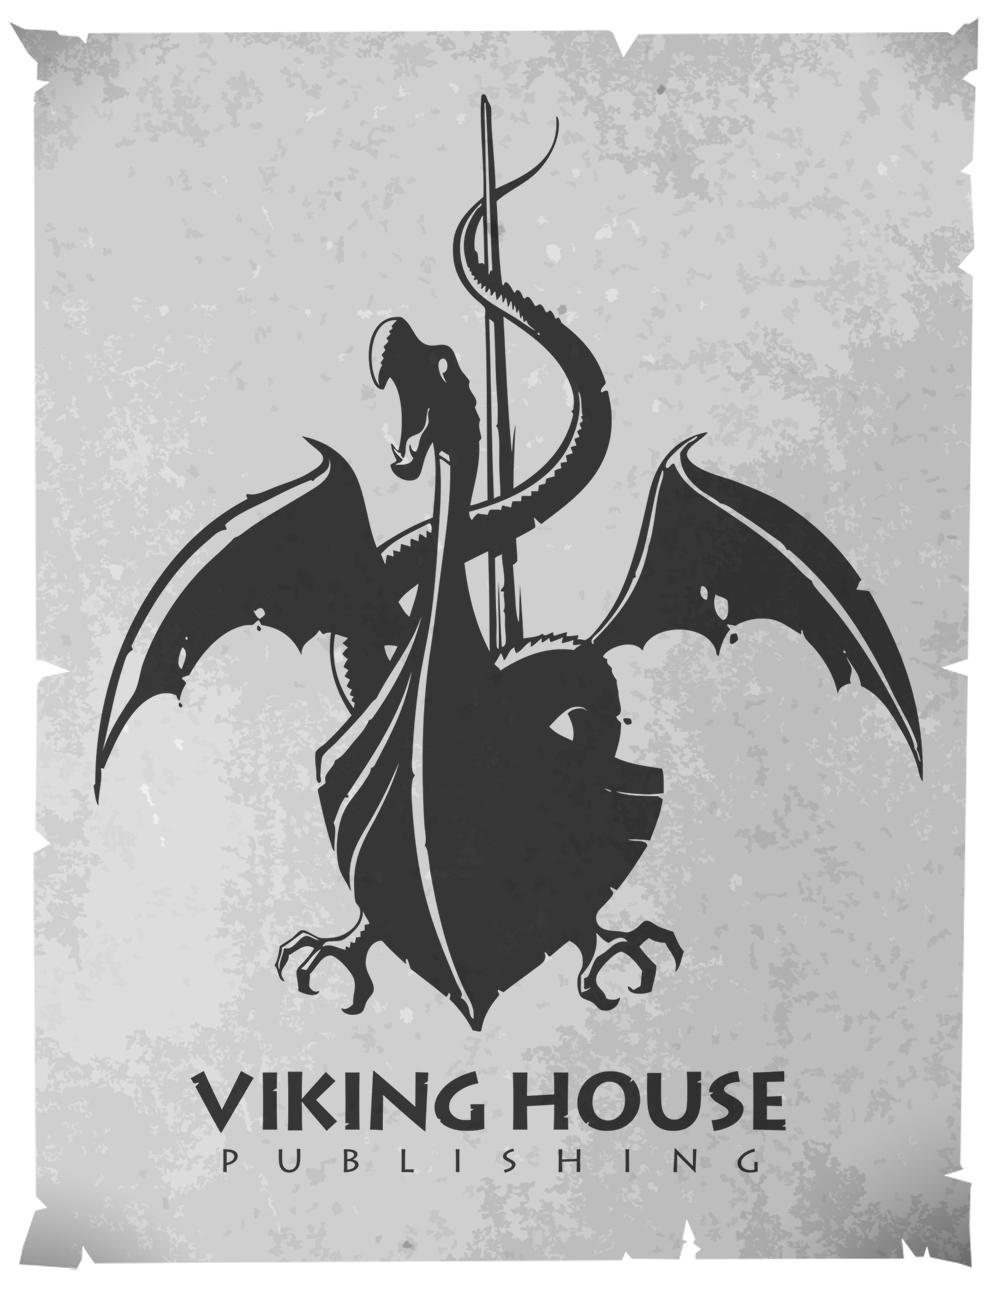 VikingHouse_01.jpg